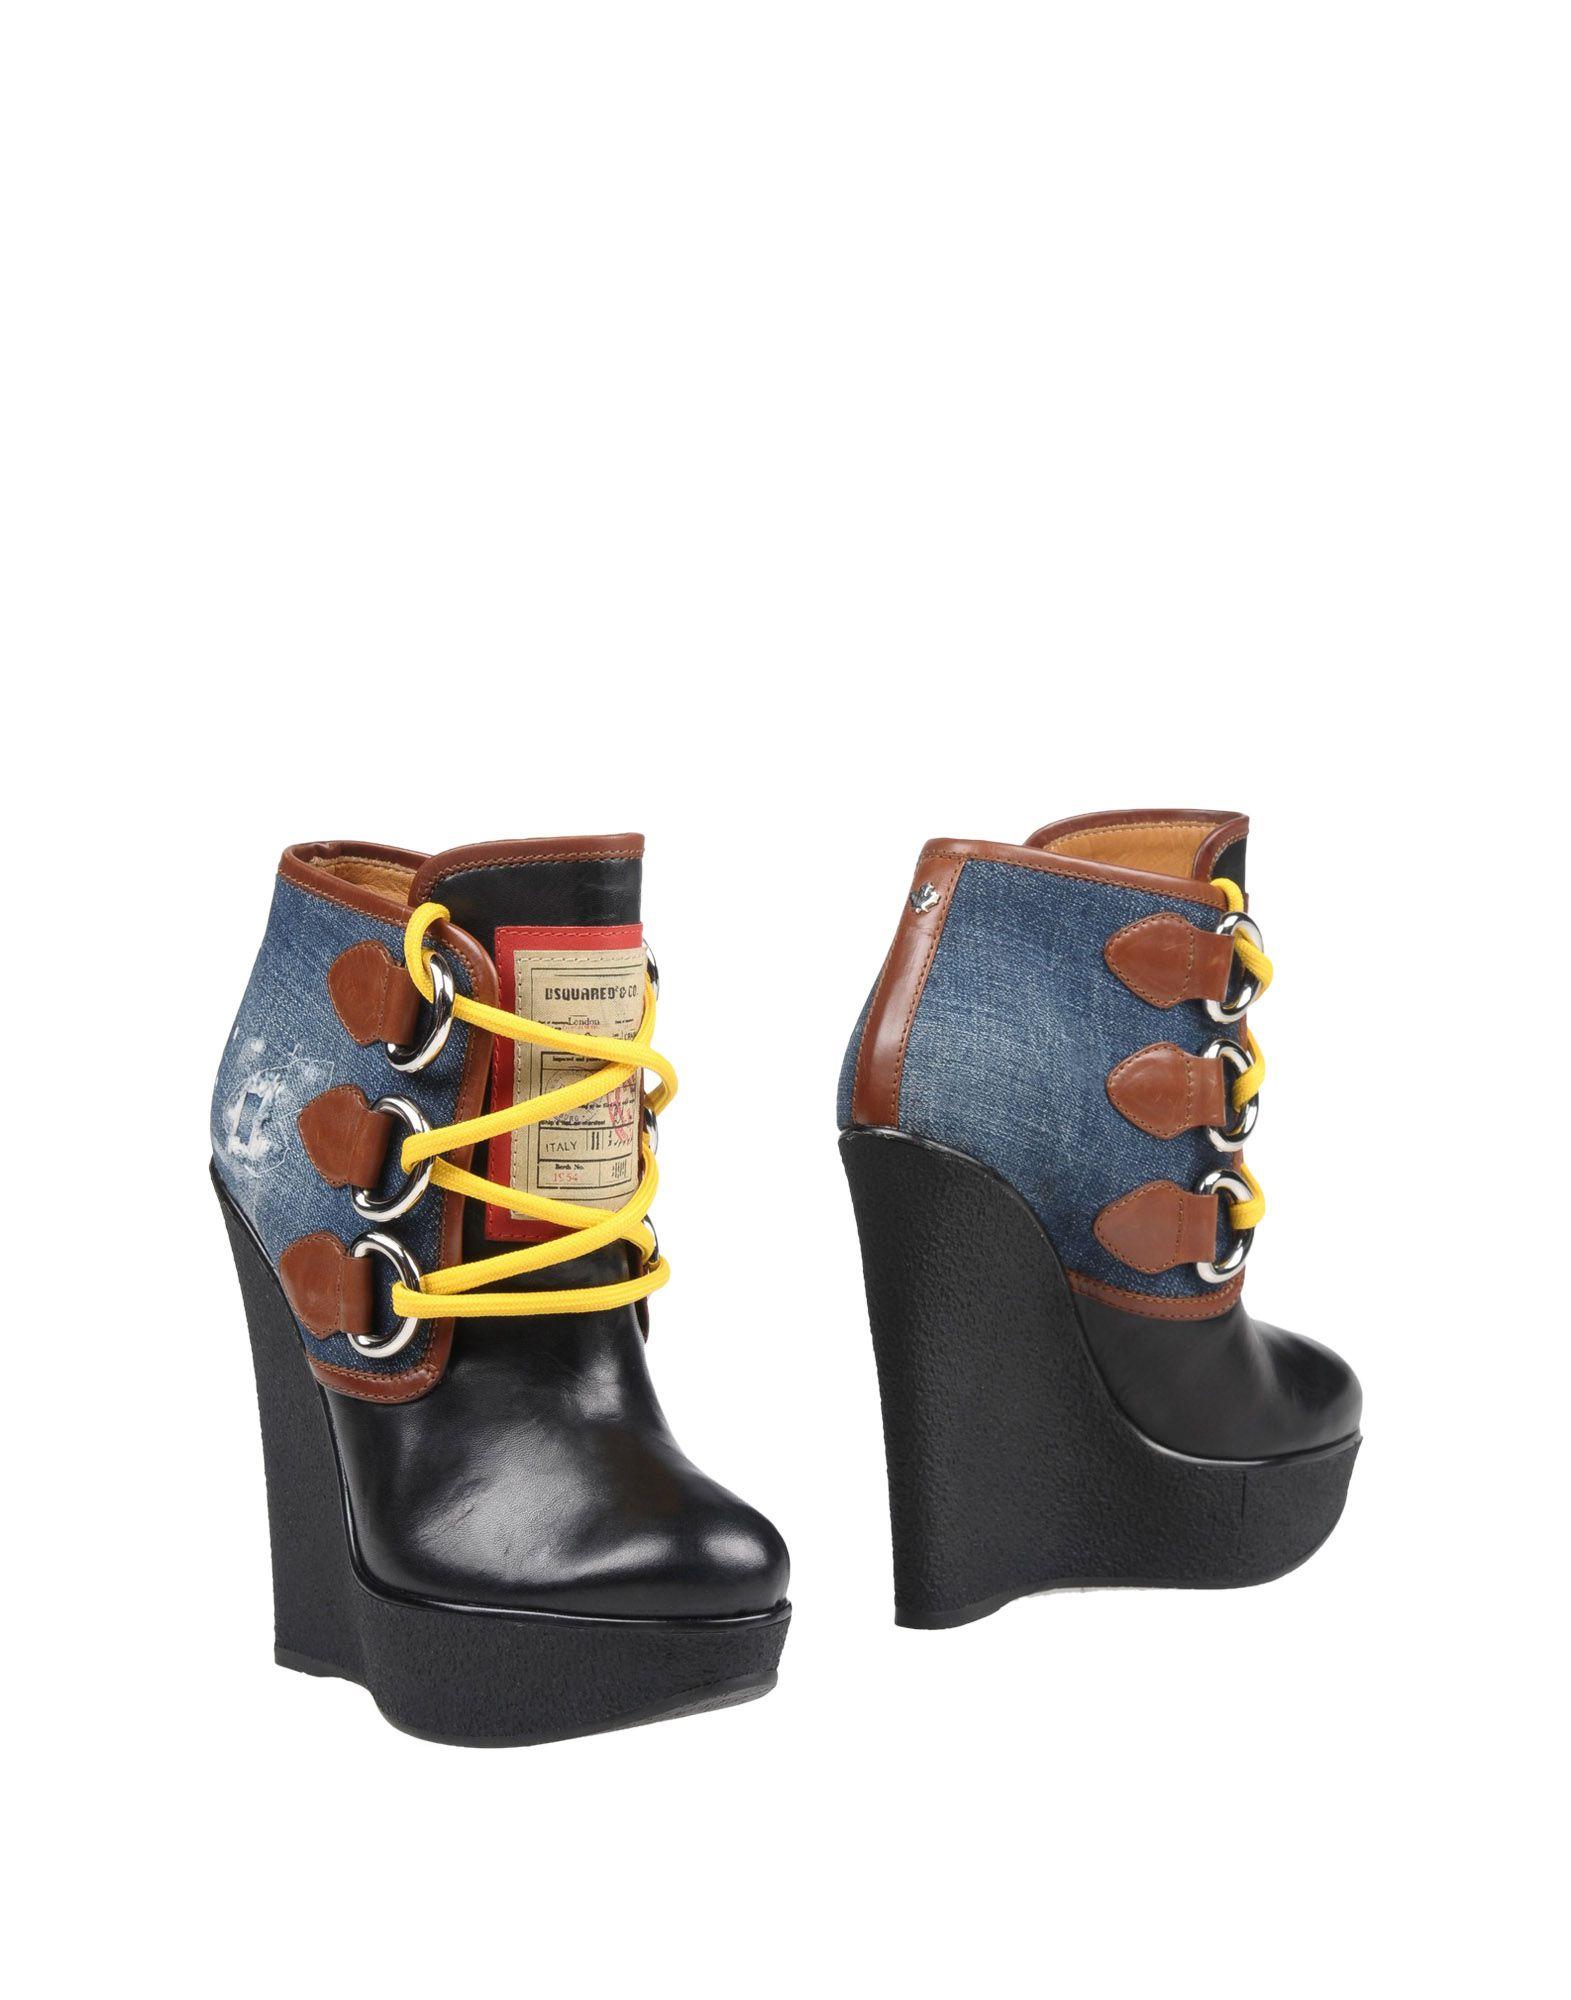 Bottine Dsquared2 Femme - Bottines Dsquared2 Bleu Les chaussures les plus populaires pour les hommes et les femmes